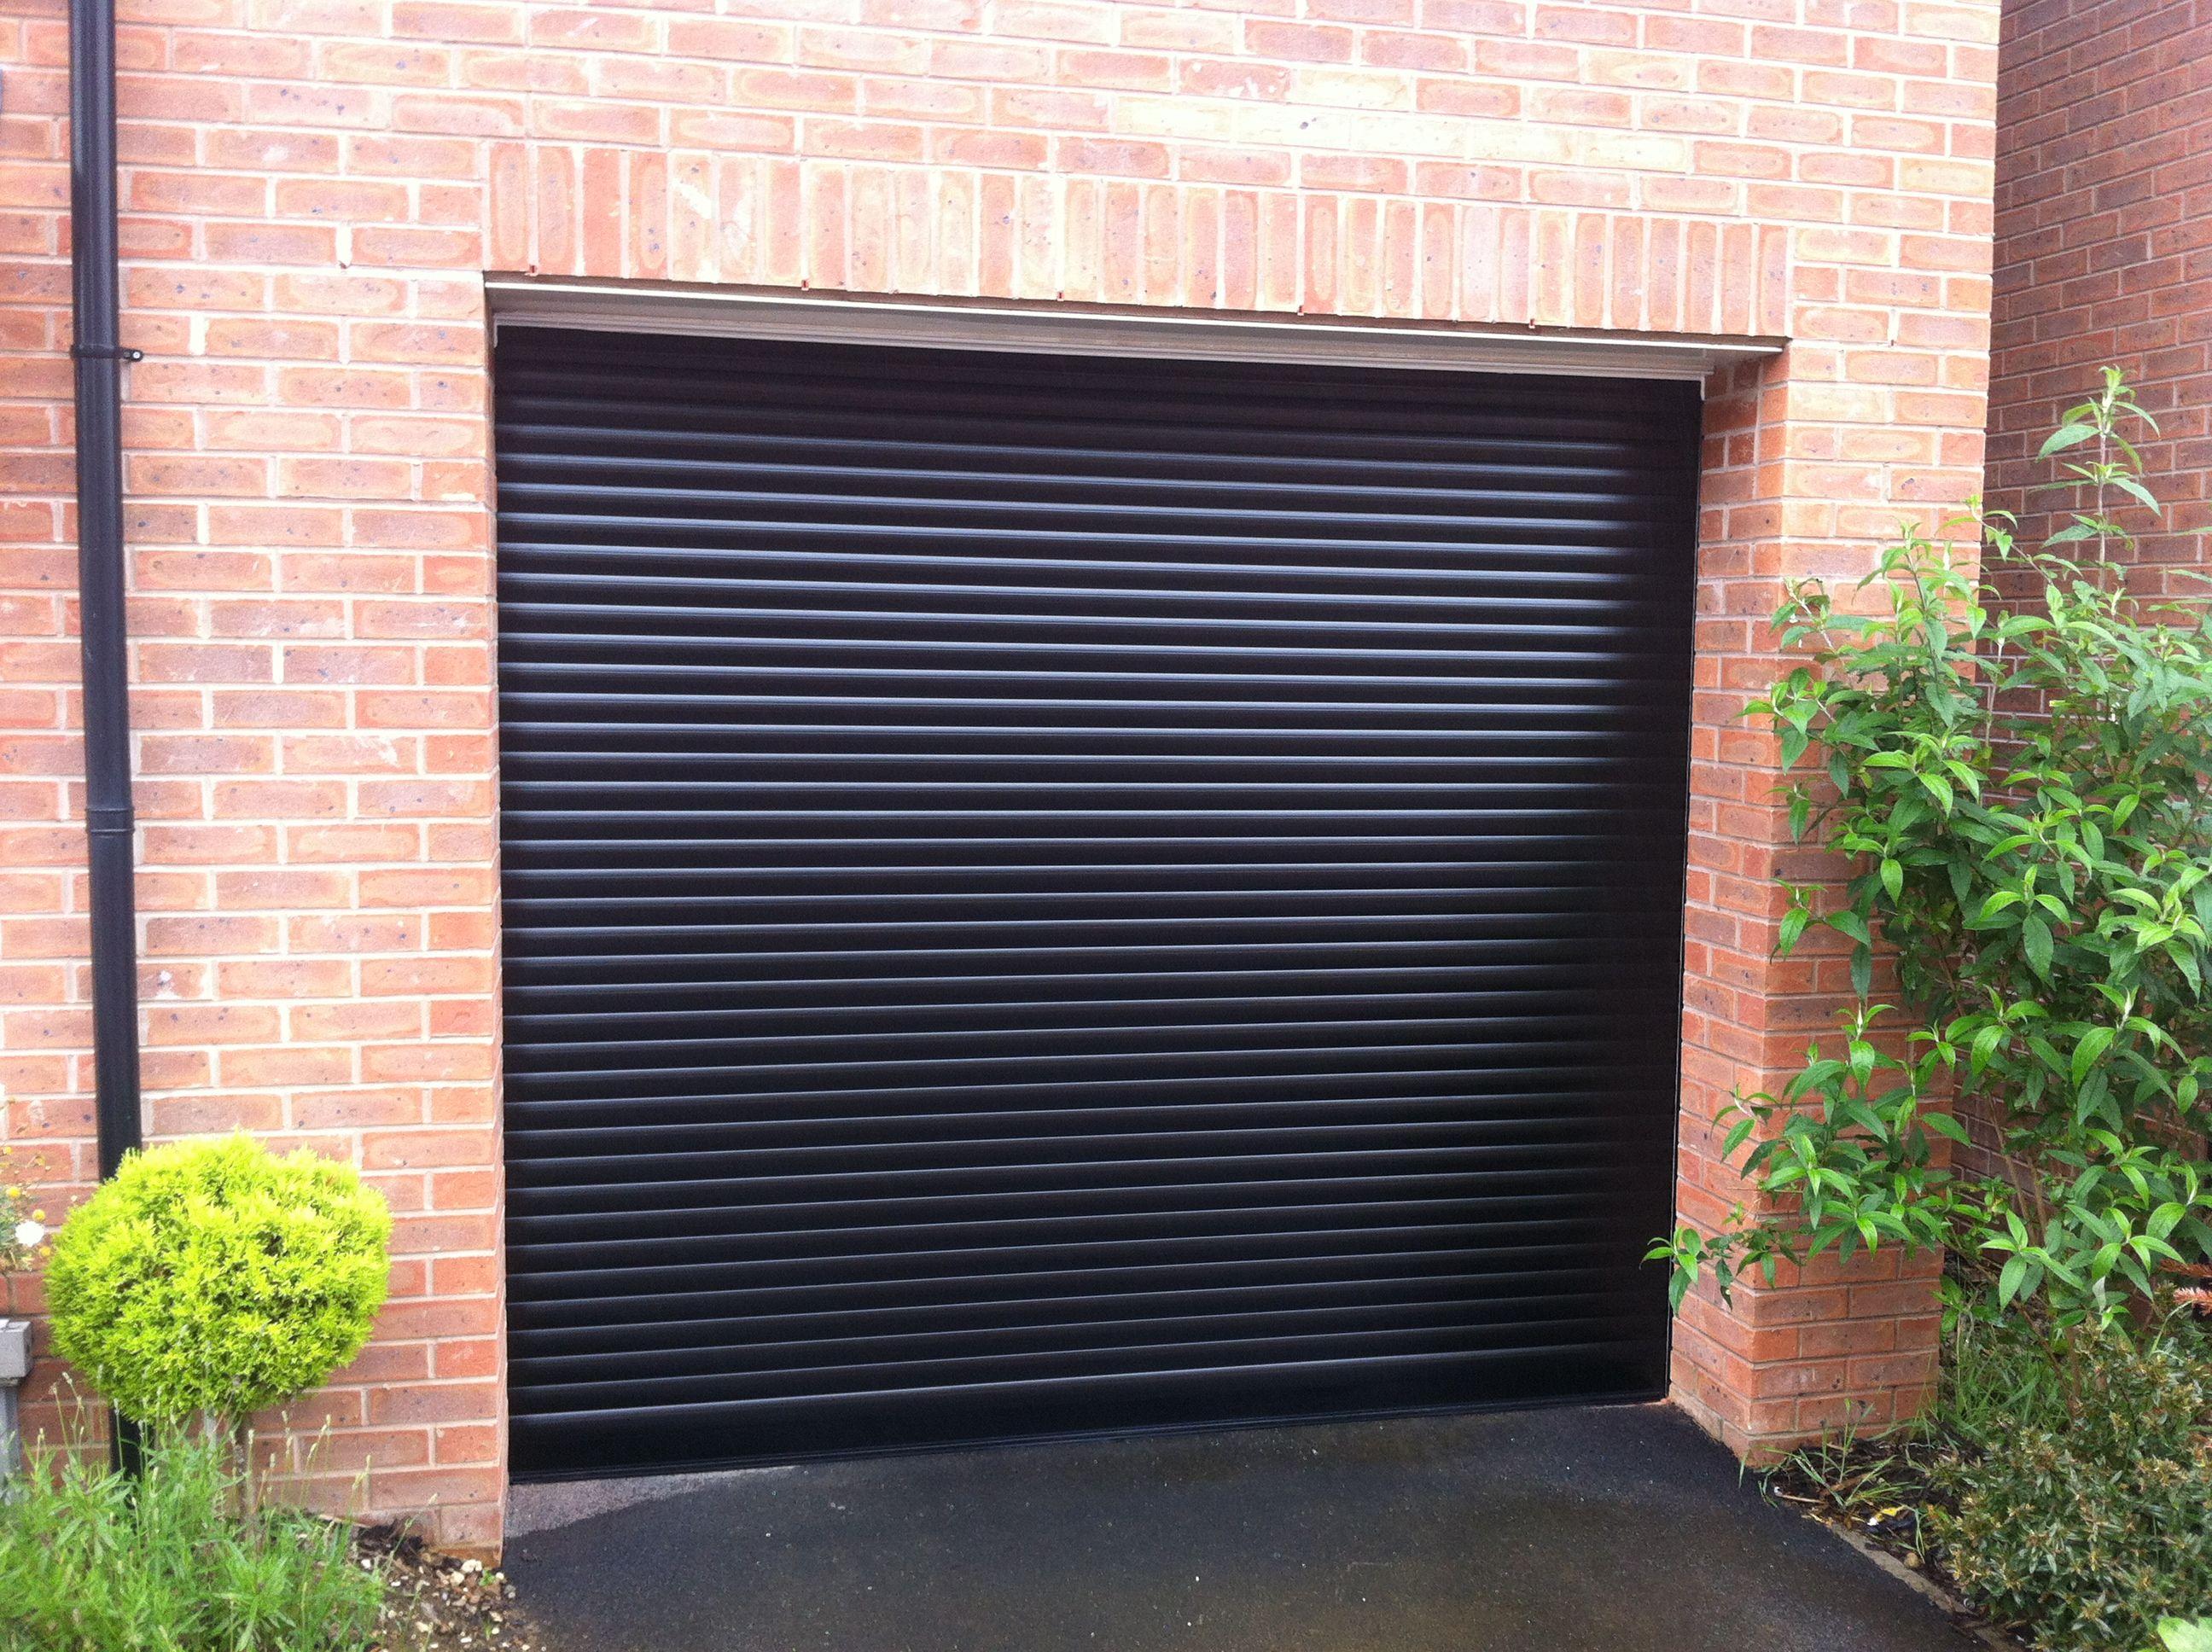 SWS SeceuroGlide Roller Garage Door in Black. #SWS #Roller #GarageDoor & SWS SeceuroGlide Roller Garage Door in Black. #SWS #Roller ...